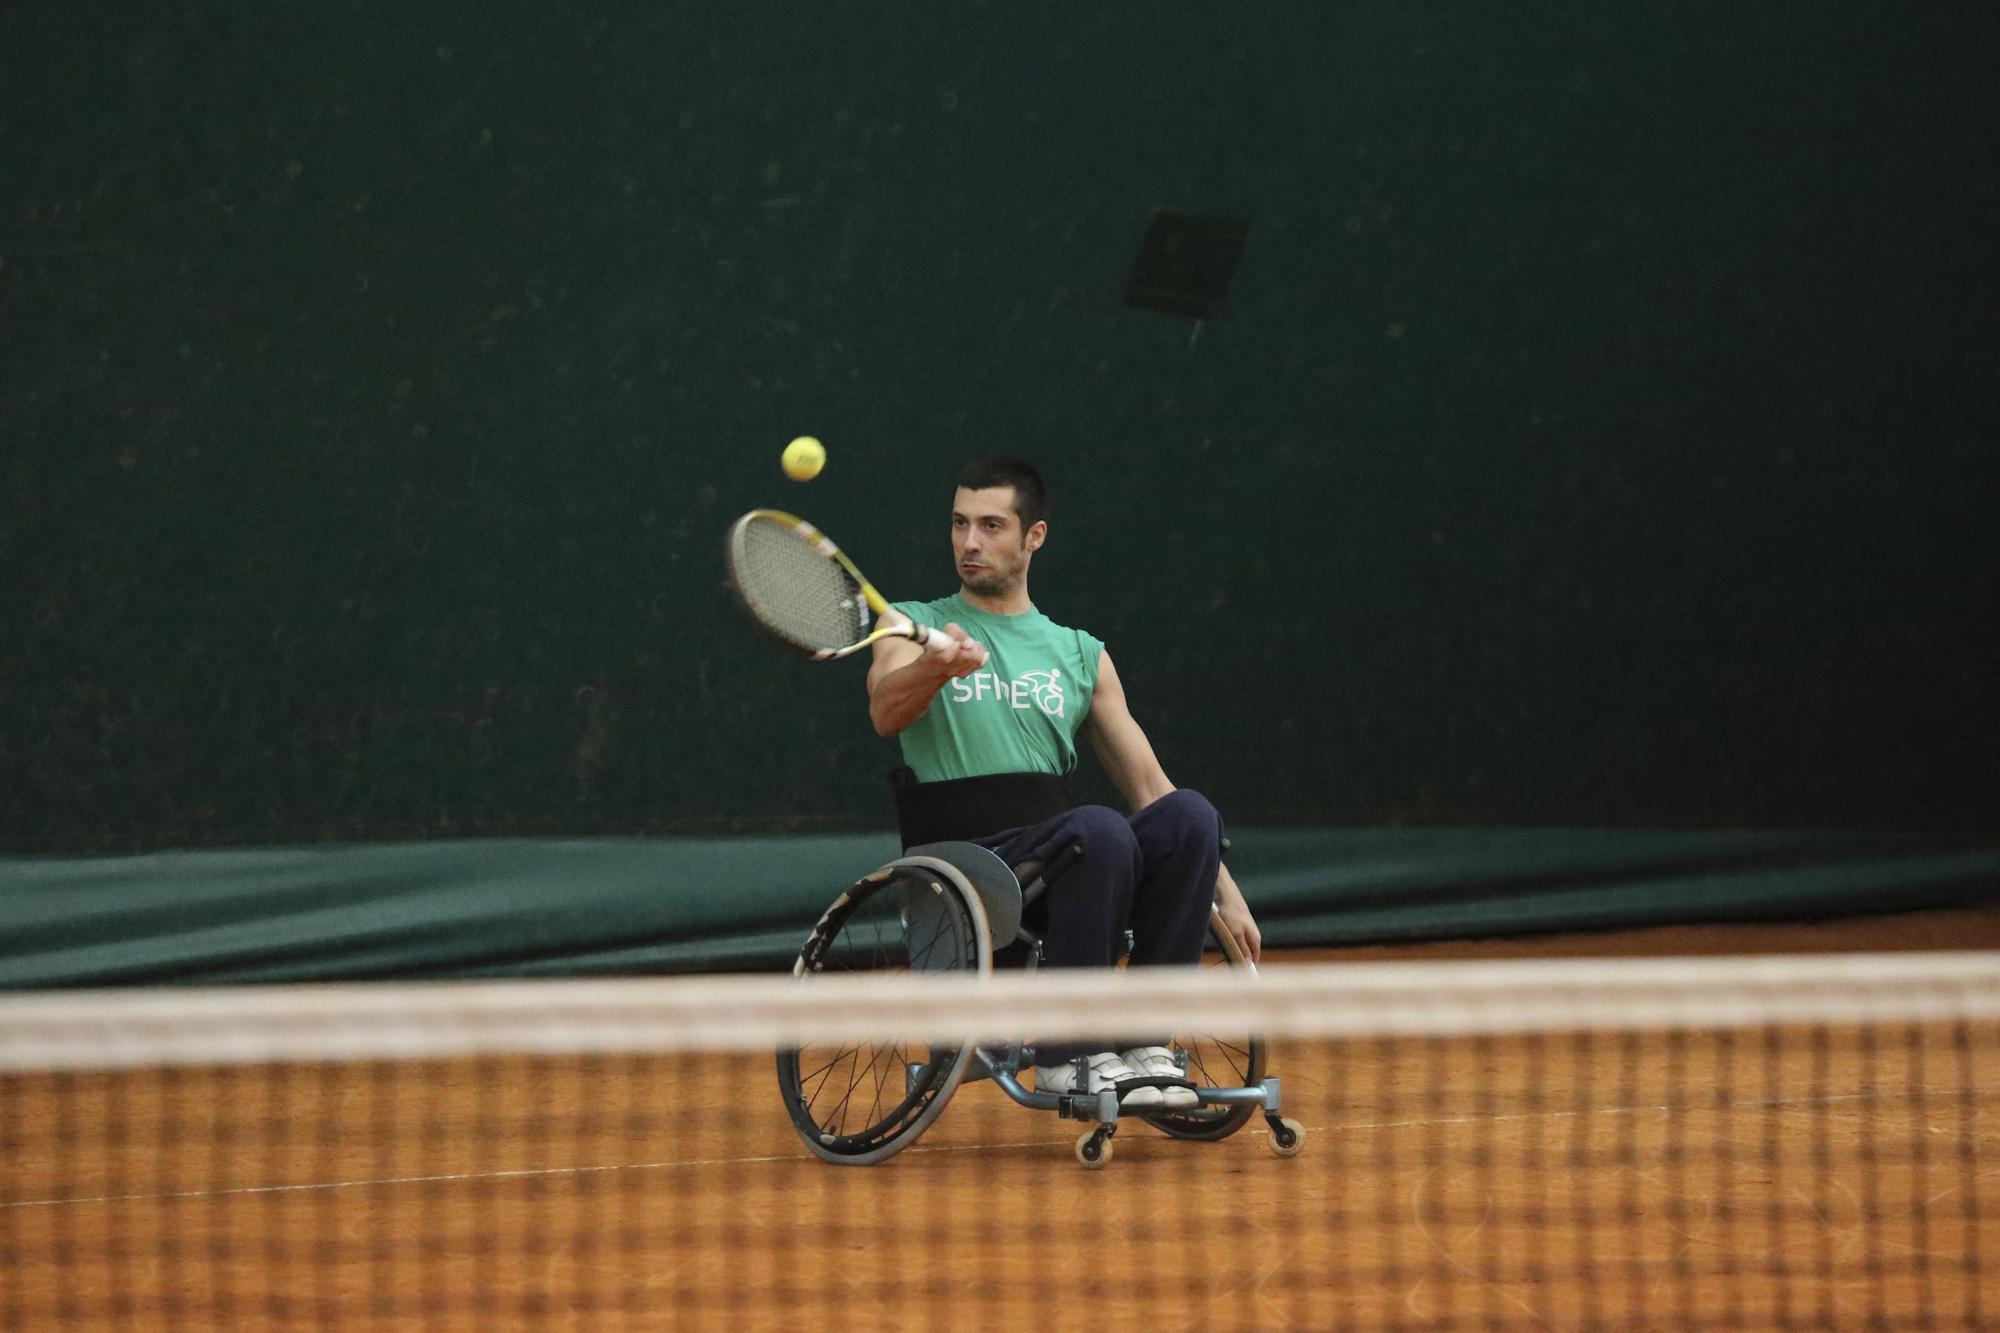 cip_tennis_2013CZ4Q0328